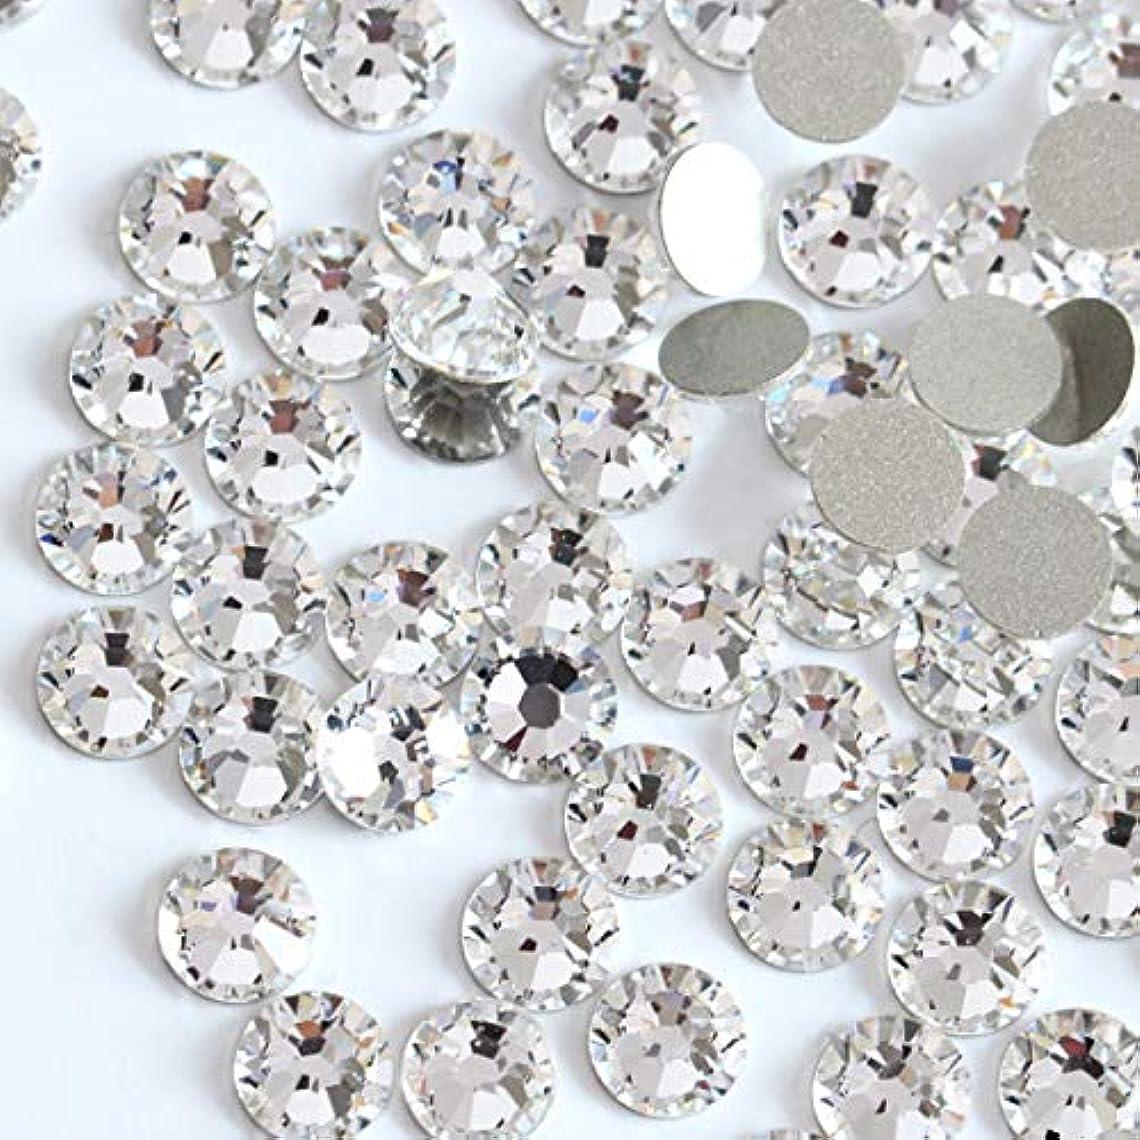 魂洗練鉱石【ラインストーン77】 高品質ガラス製ラインストーン クリスタル SS8(2.2mm)約1440粒